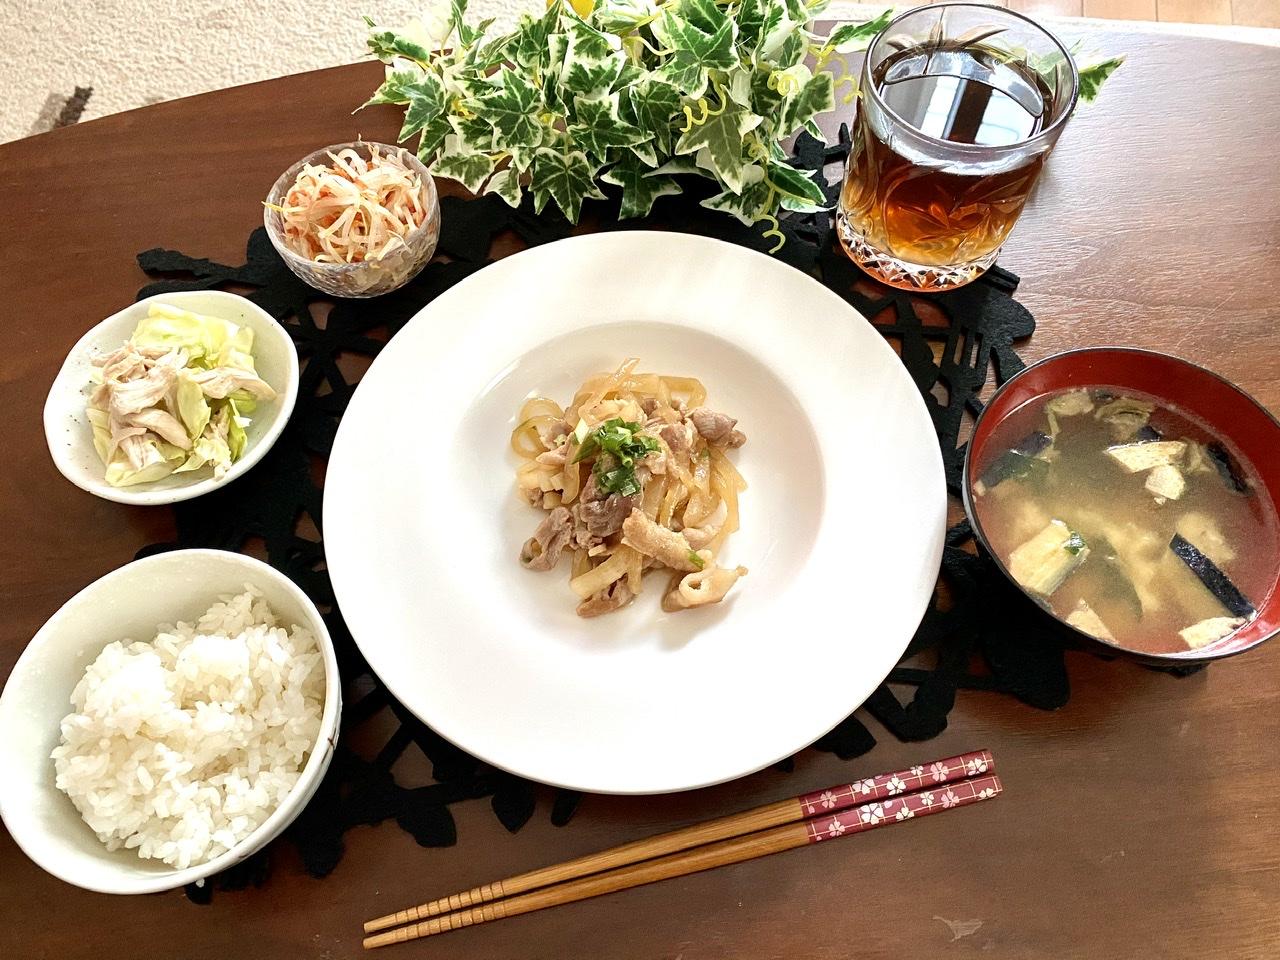 【今月のお家ごはん】アラサー女子の食卓!作り置きおかずでラク晩ご飯♡-Vol.12-_7